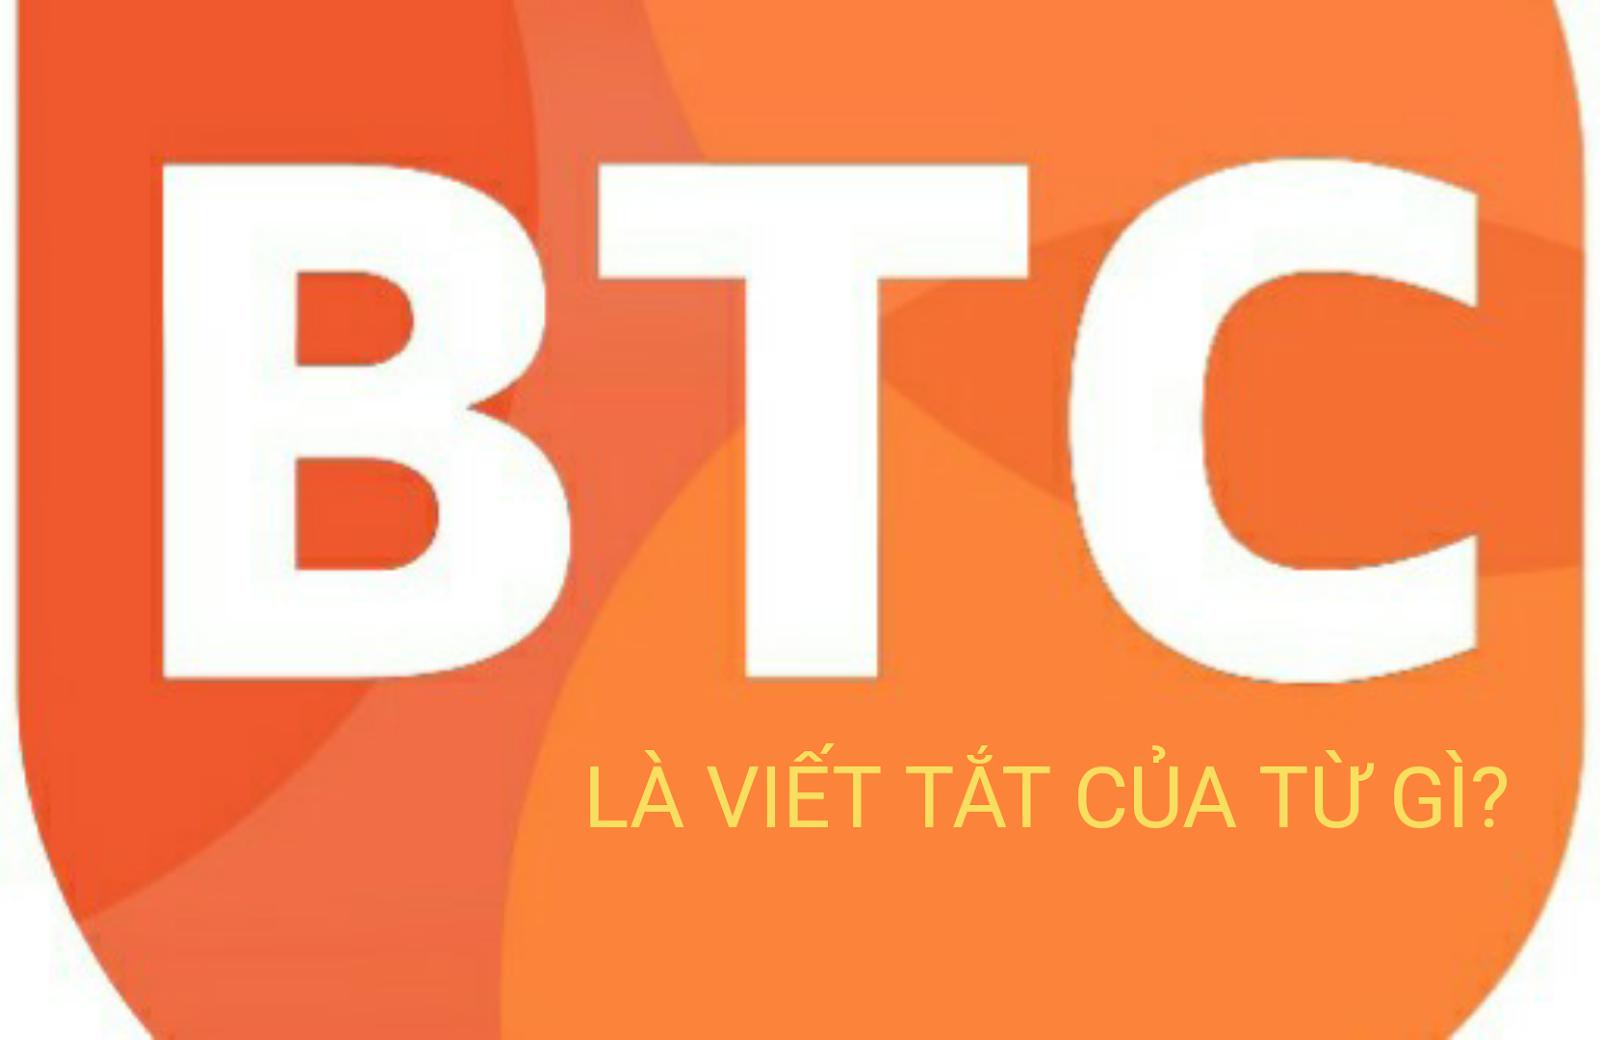 btc là viết tắt của từ gì, viet tắt btc, ý nghĩa của btc